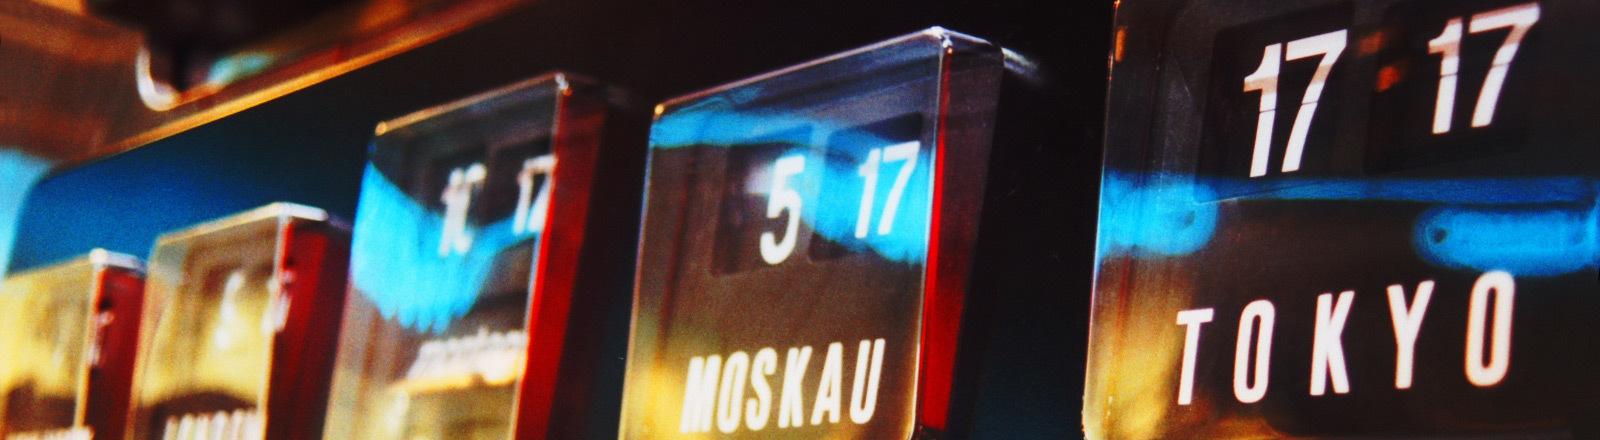 Uhren, die die Uhrzeiten in verschiedenen Zeitzonen anzeigen.